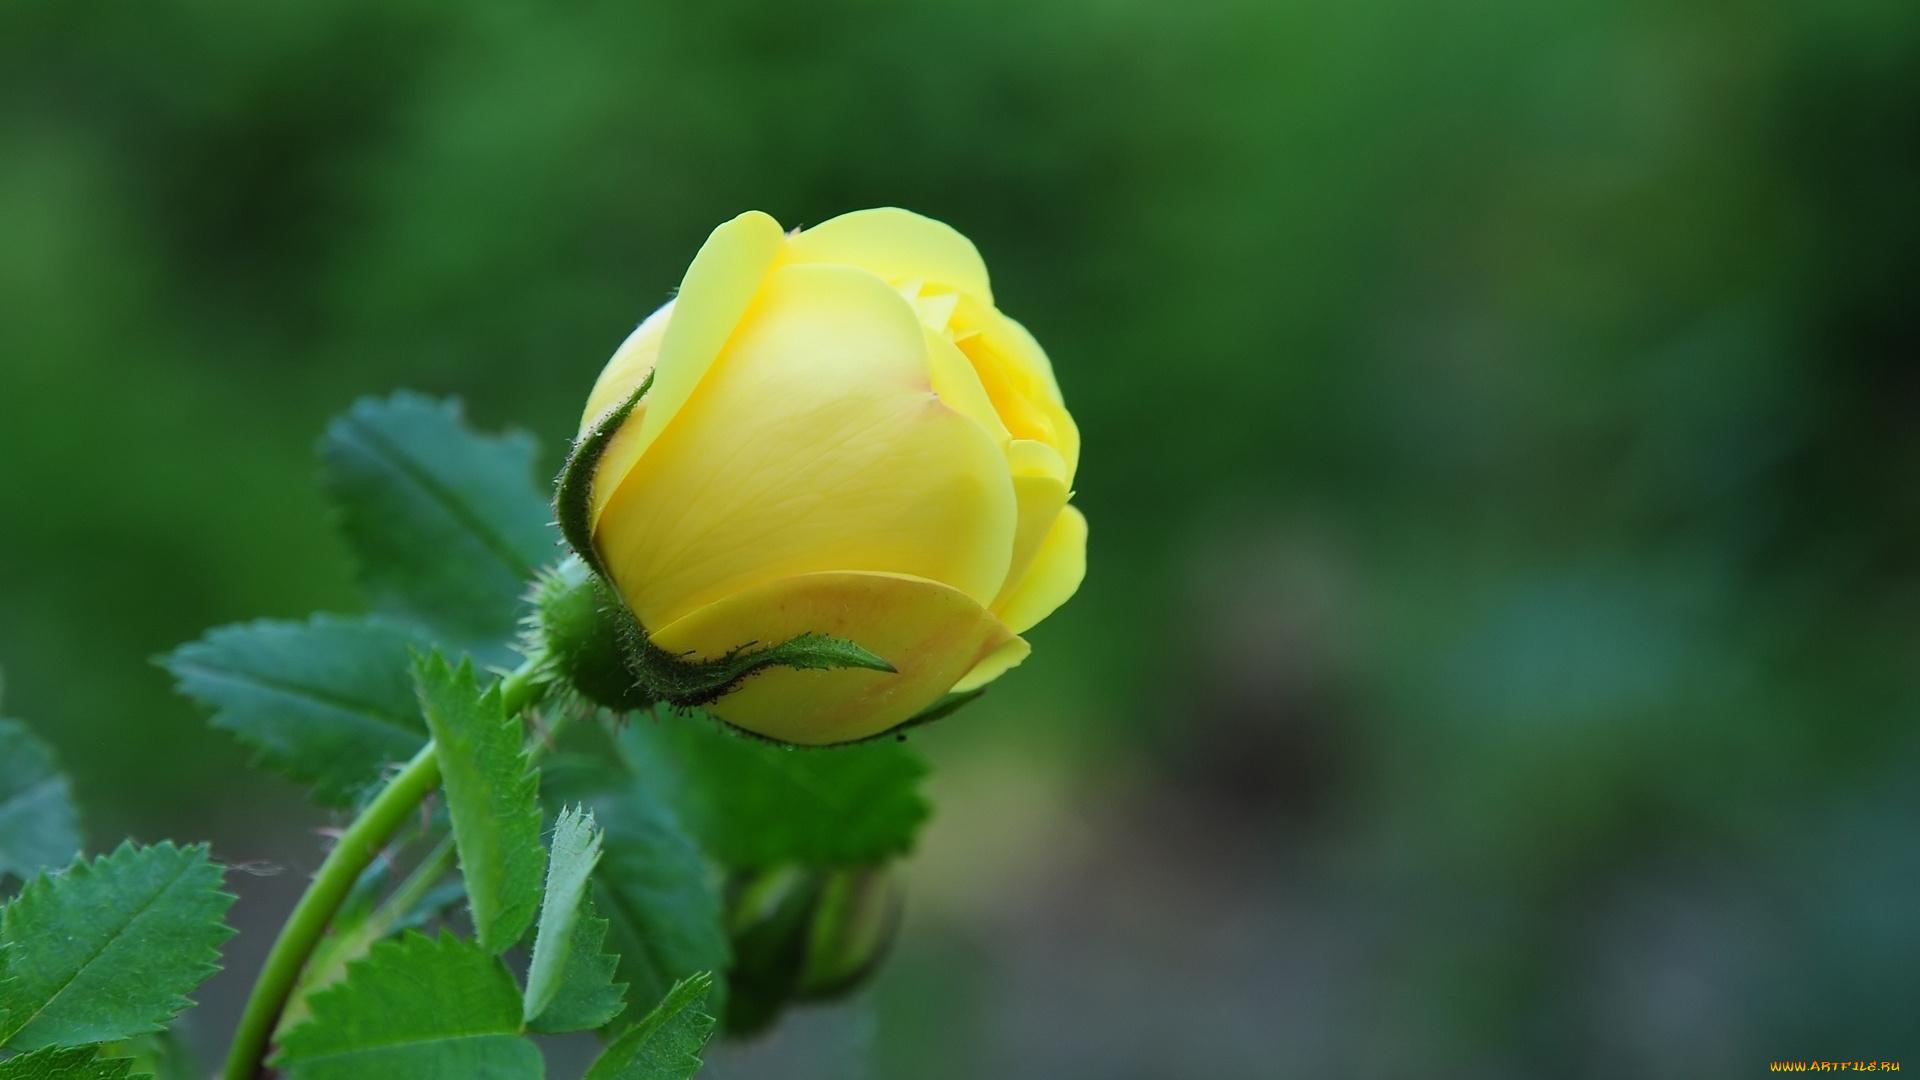 природа желтая роза цветы на телефон